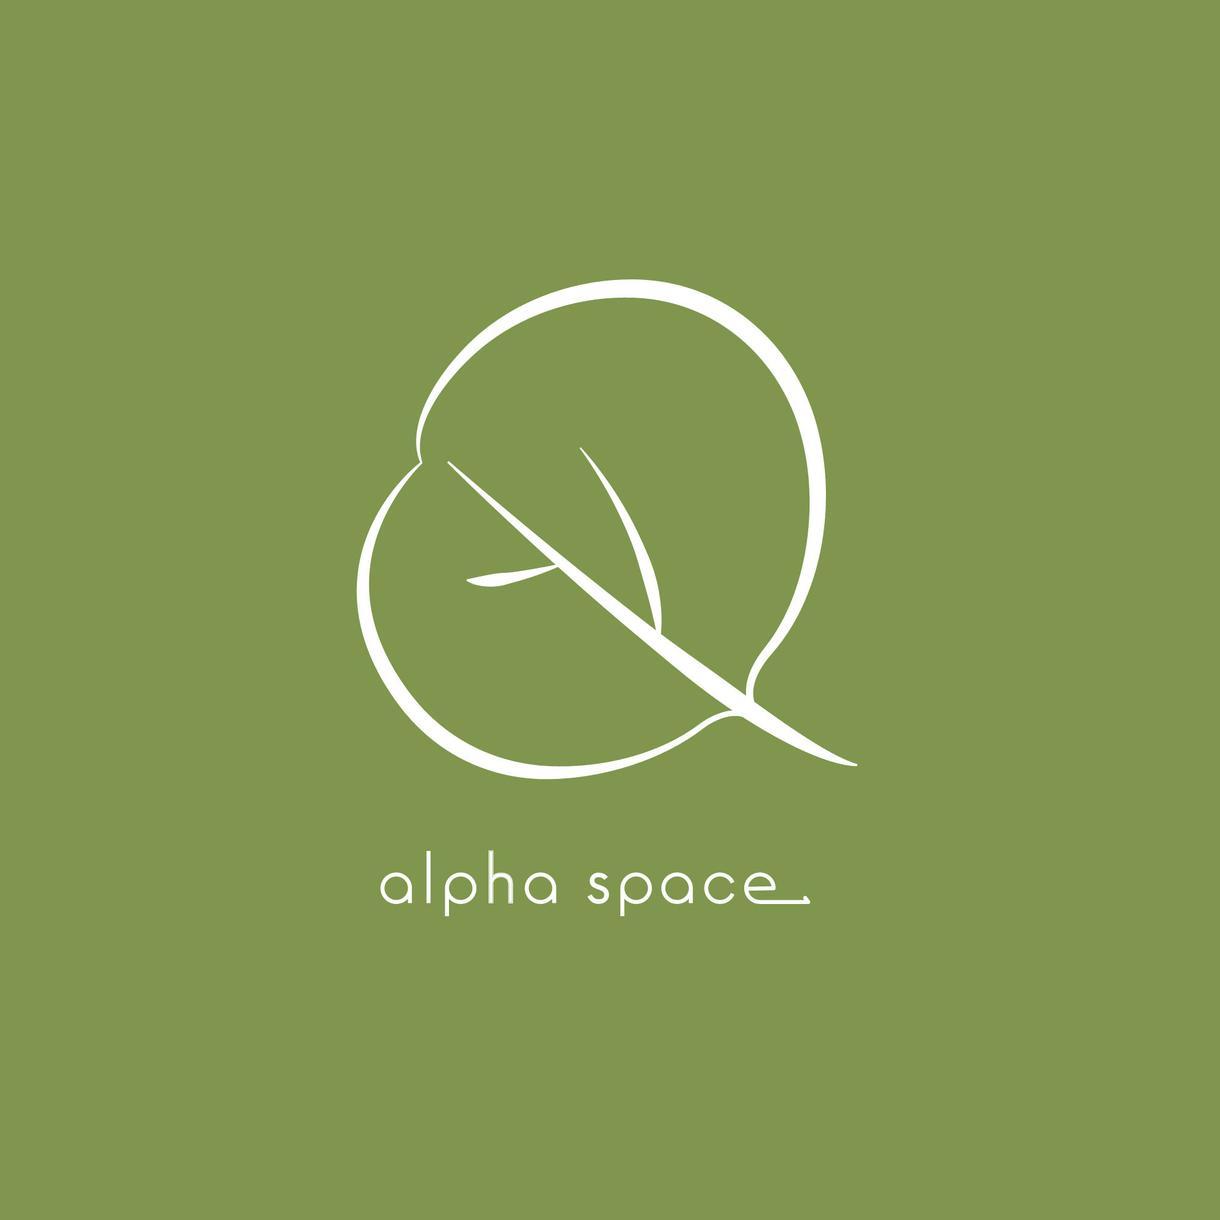 伝わるロゴデザインを制作します シンプルで本質をとらえた「伝わる」ロゴを制作します